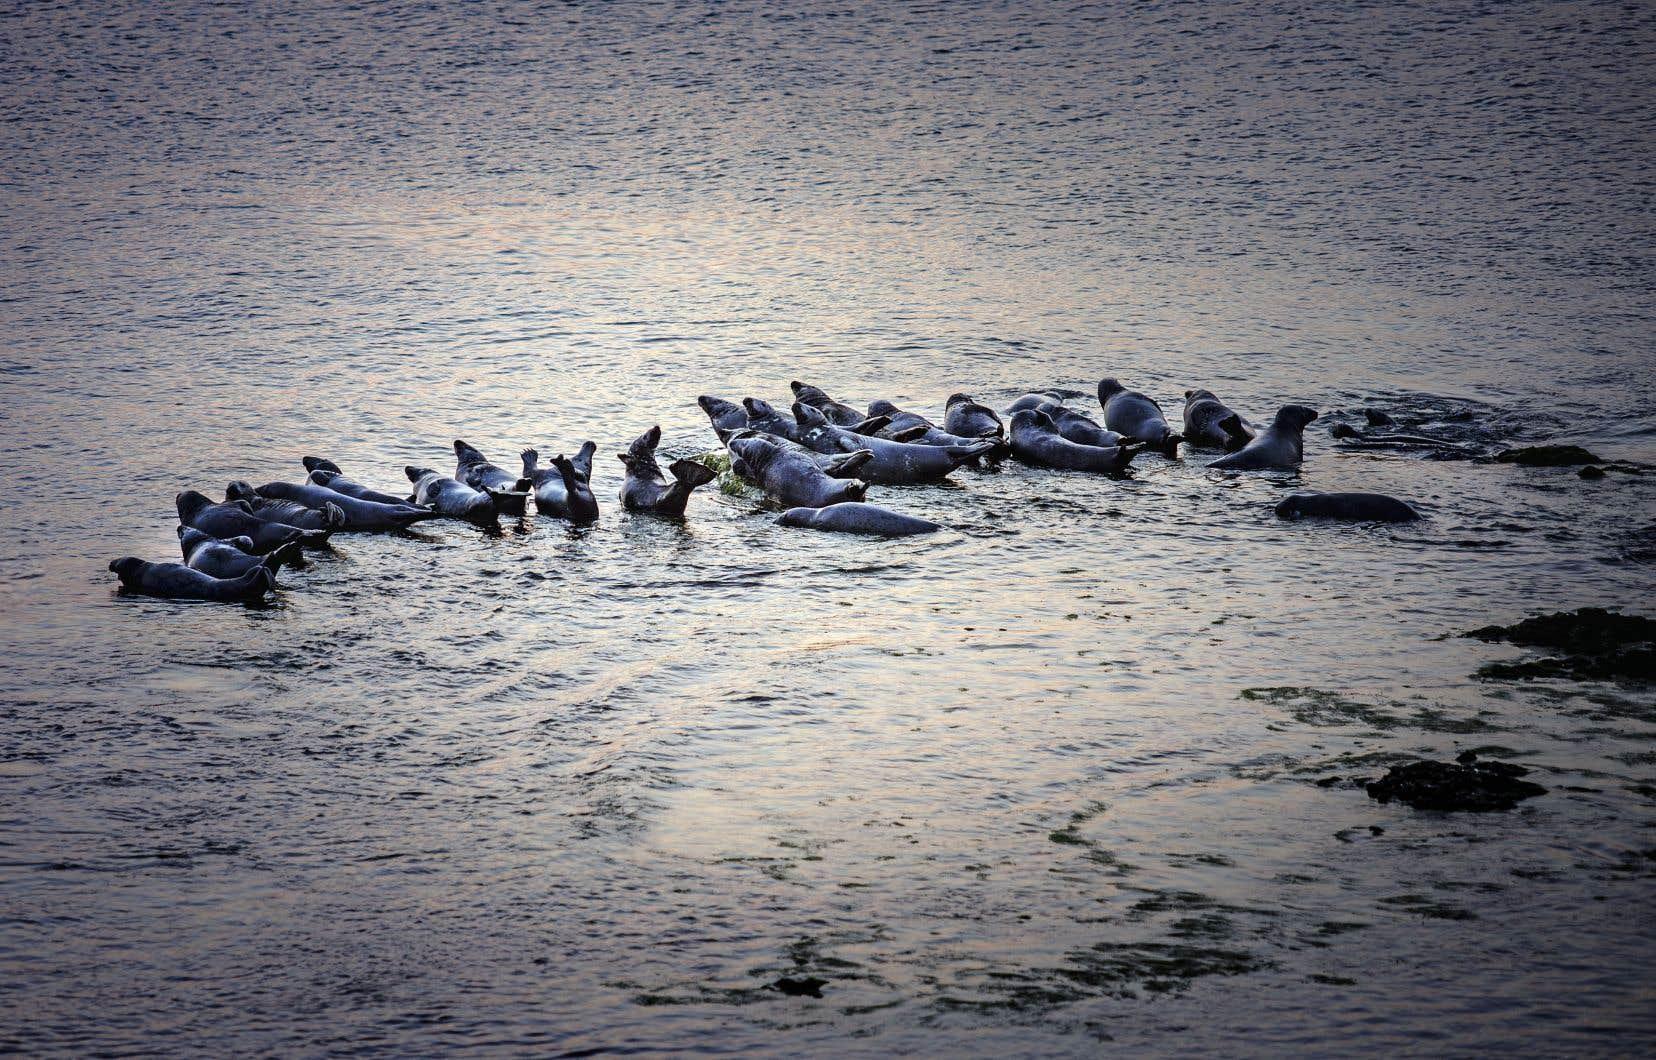 Les chasseurs madelinots réclament d'ailleurs depuis plusieurs années un accès à une importante colonie de pinnipèdes qui fréquente l'île Brion, une réserve écologique protégée.